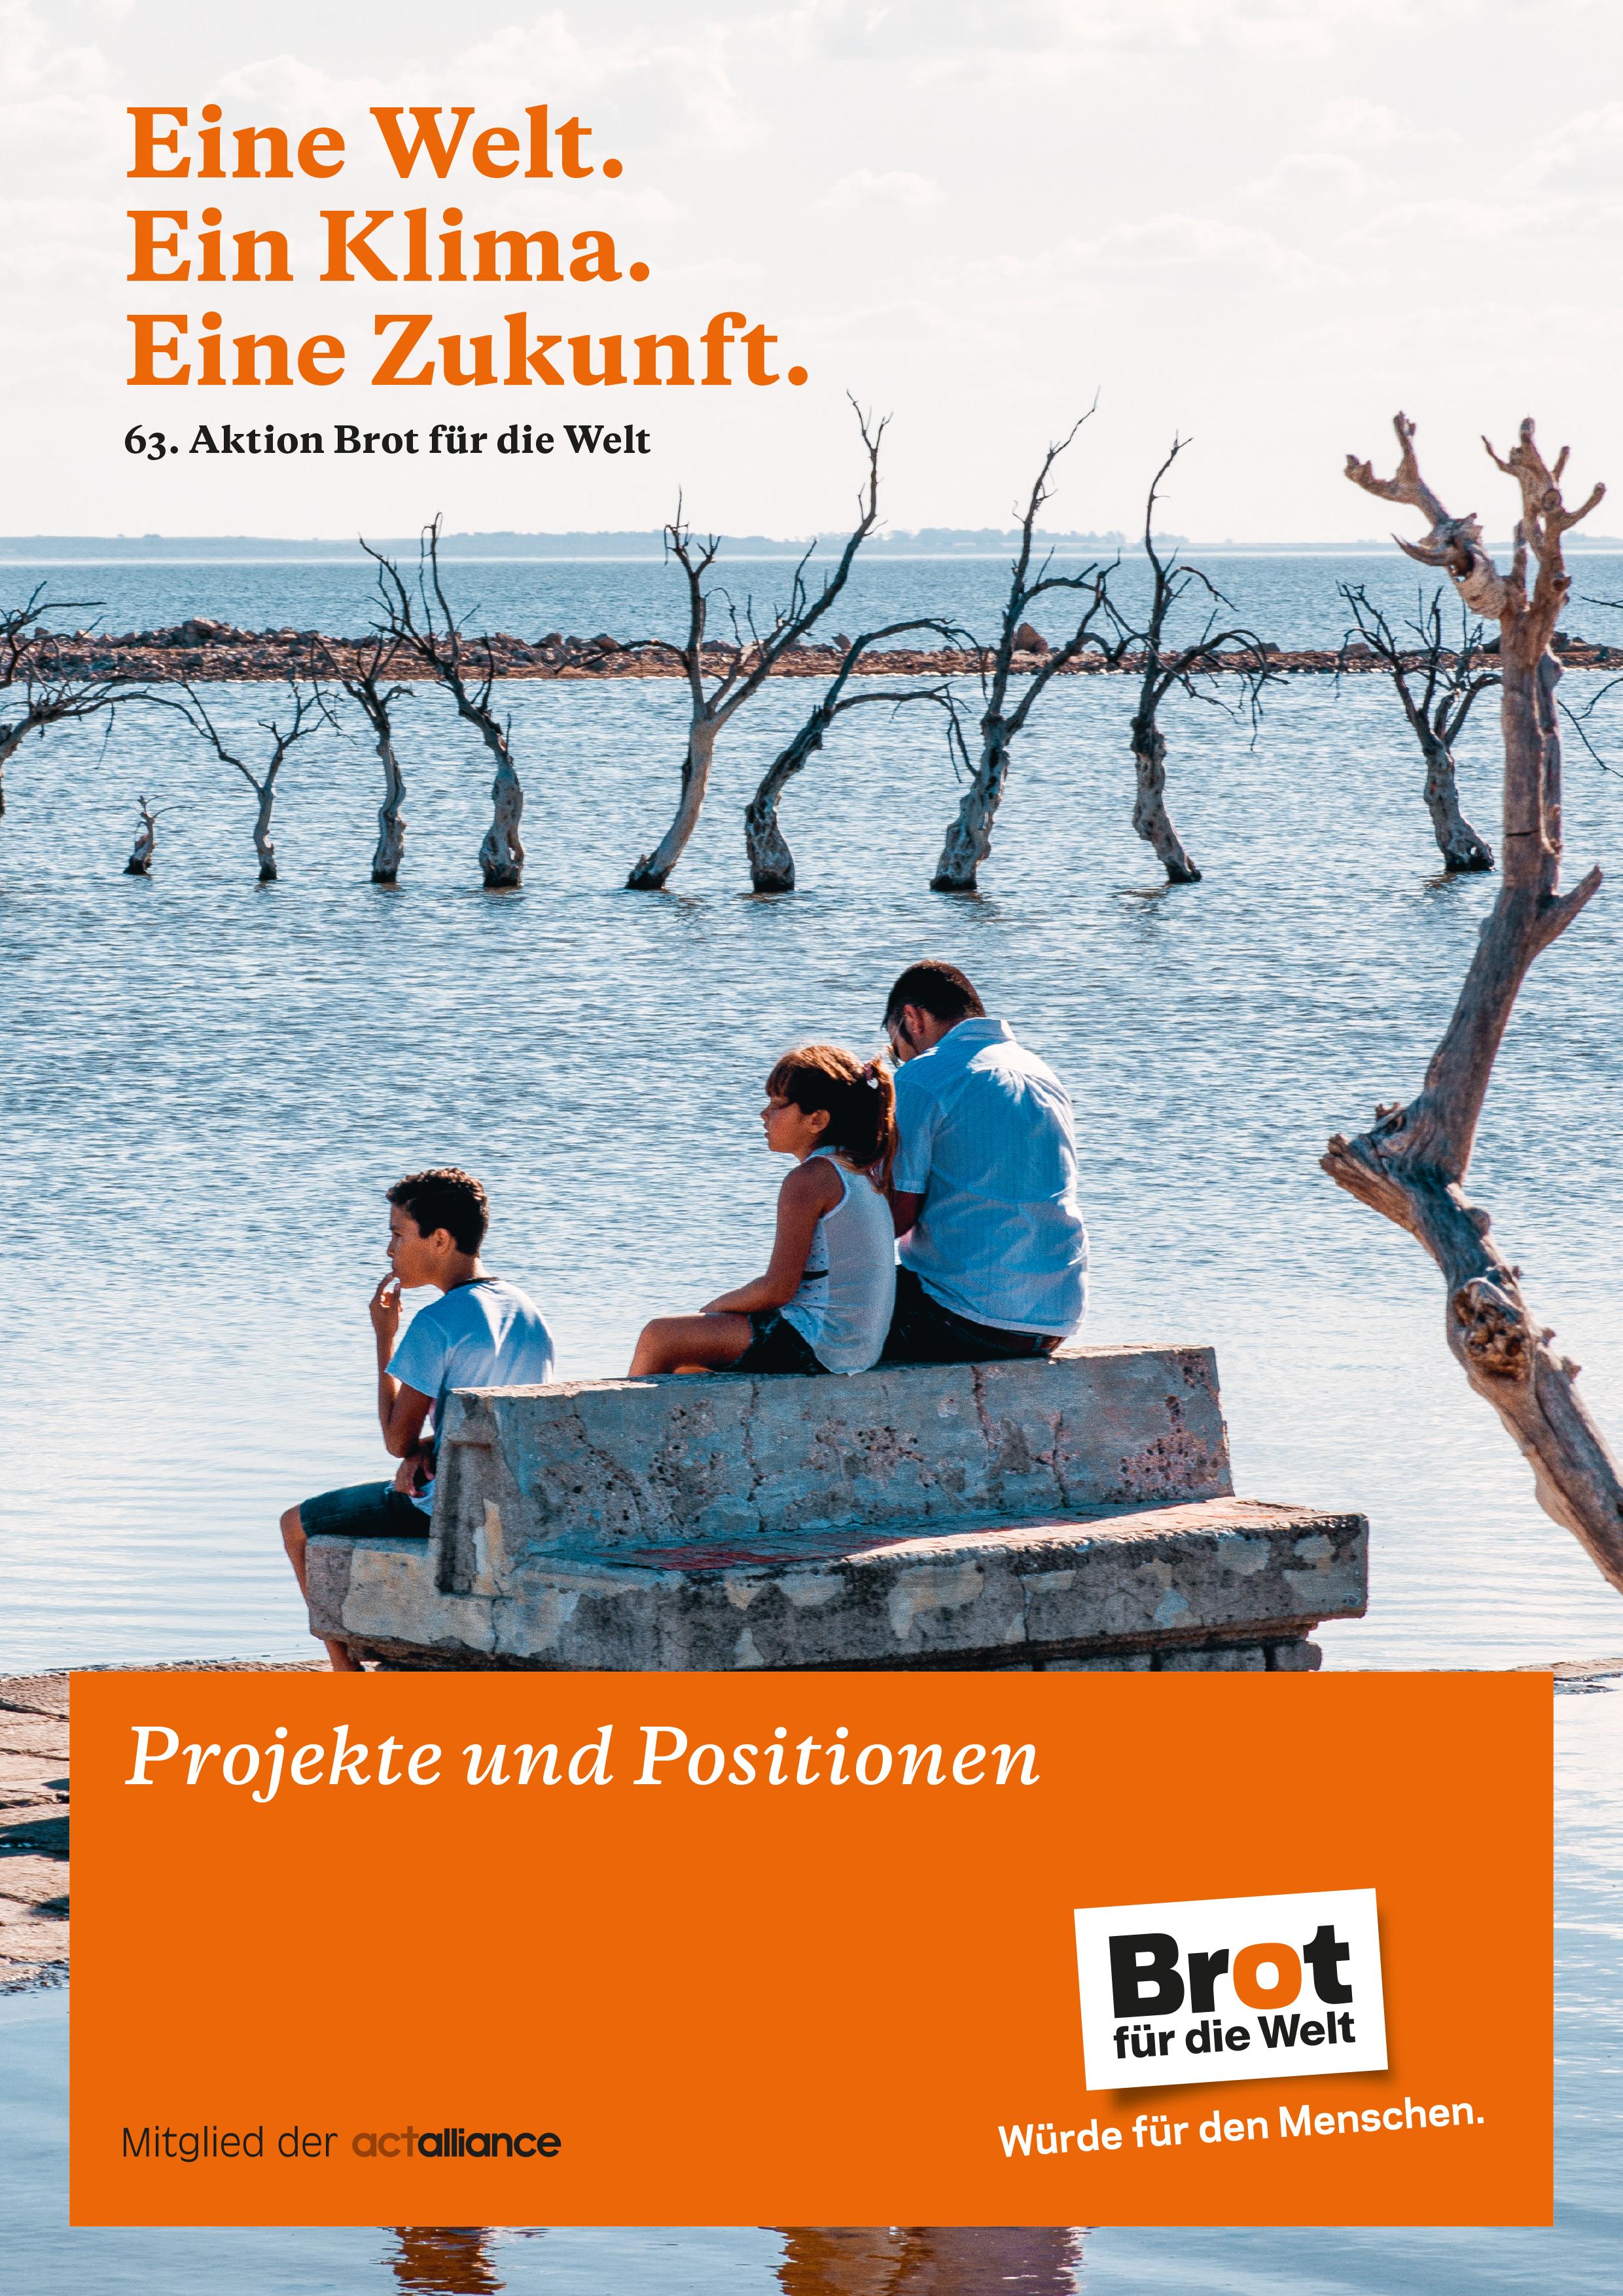 Projekte und Positionen Eine Welt. Ein Klima. Eine Zukunft. - 63. Aktion